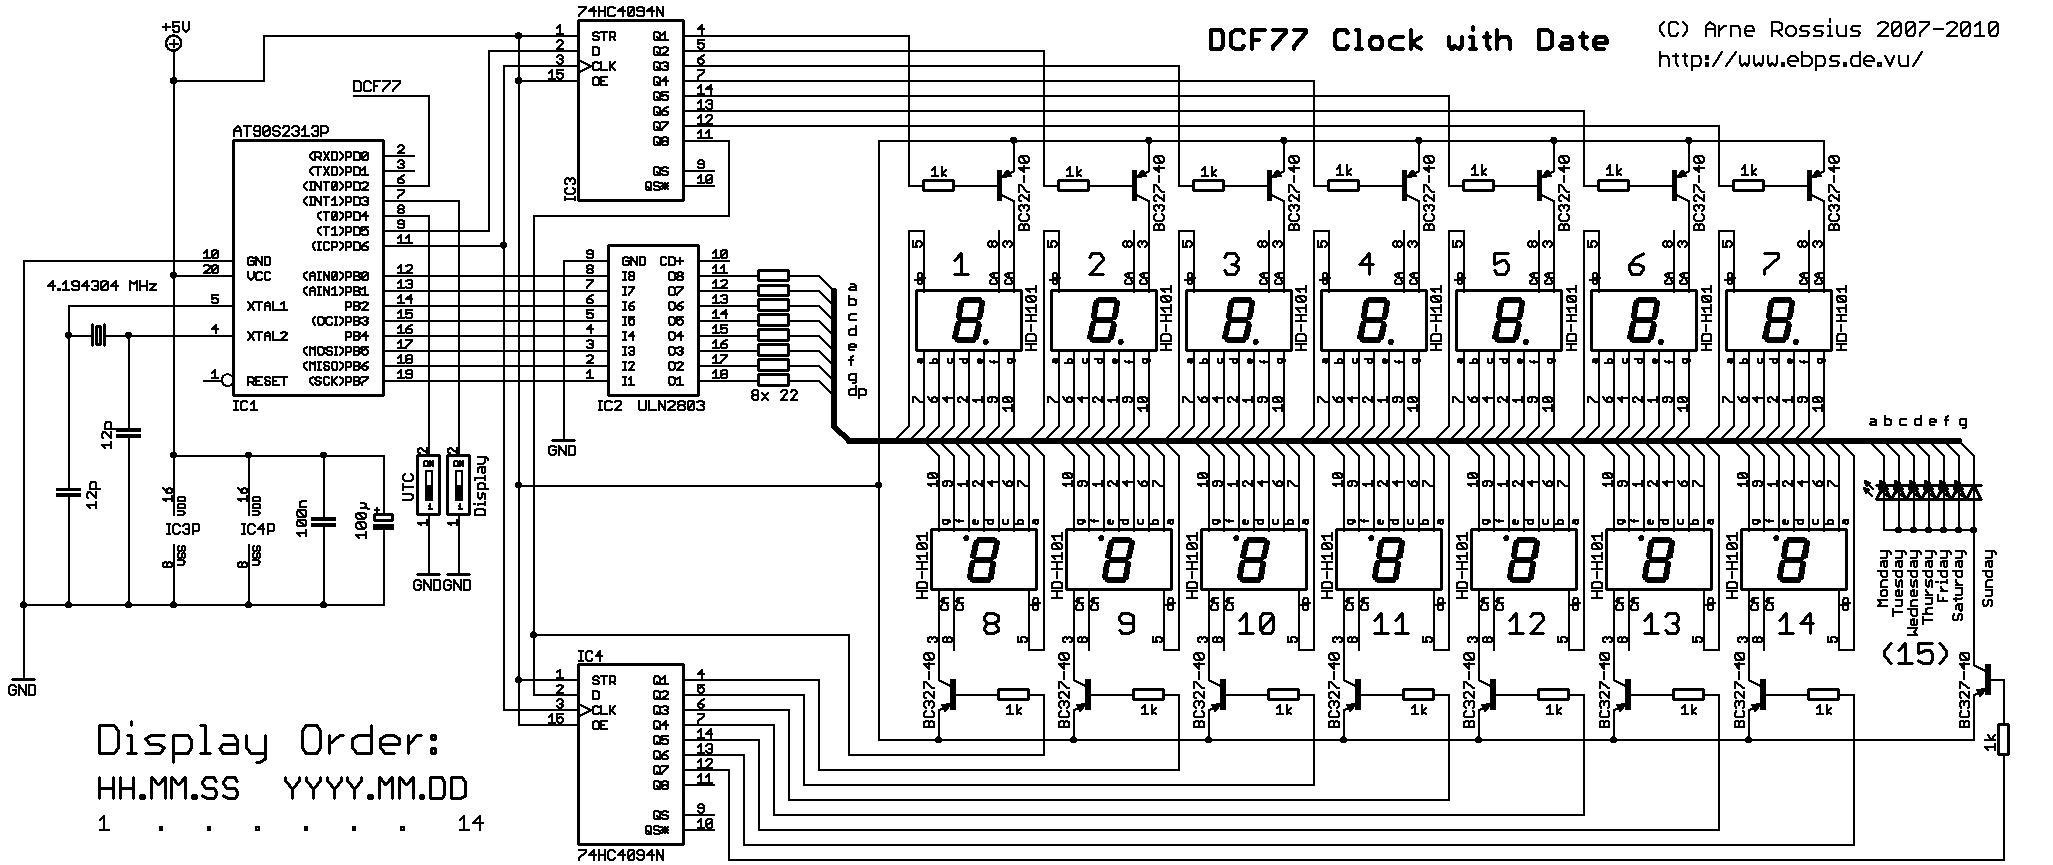 Elektronik.de.vu - DCF77-Funkuhr mit Datums- und Uhrzeitanzeige auf ...